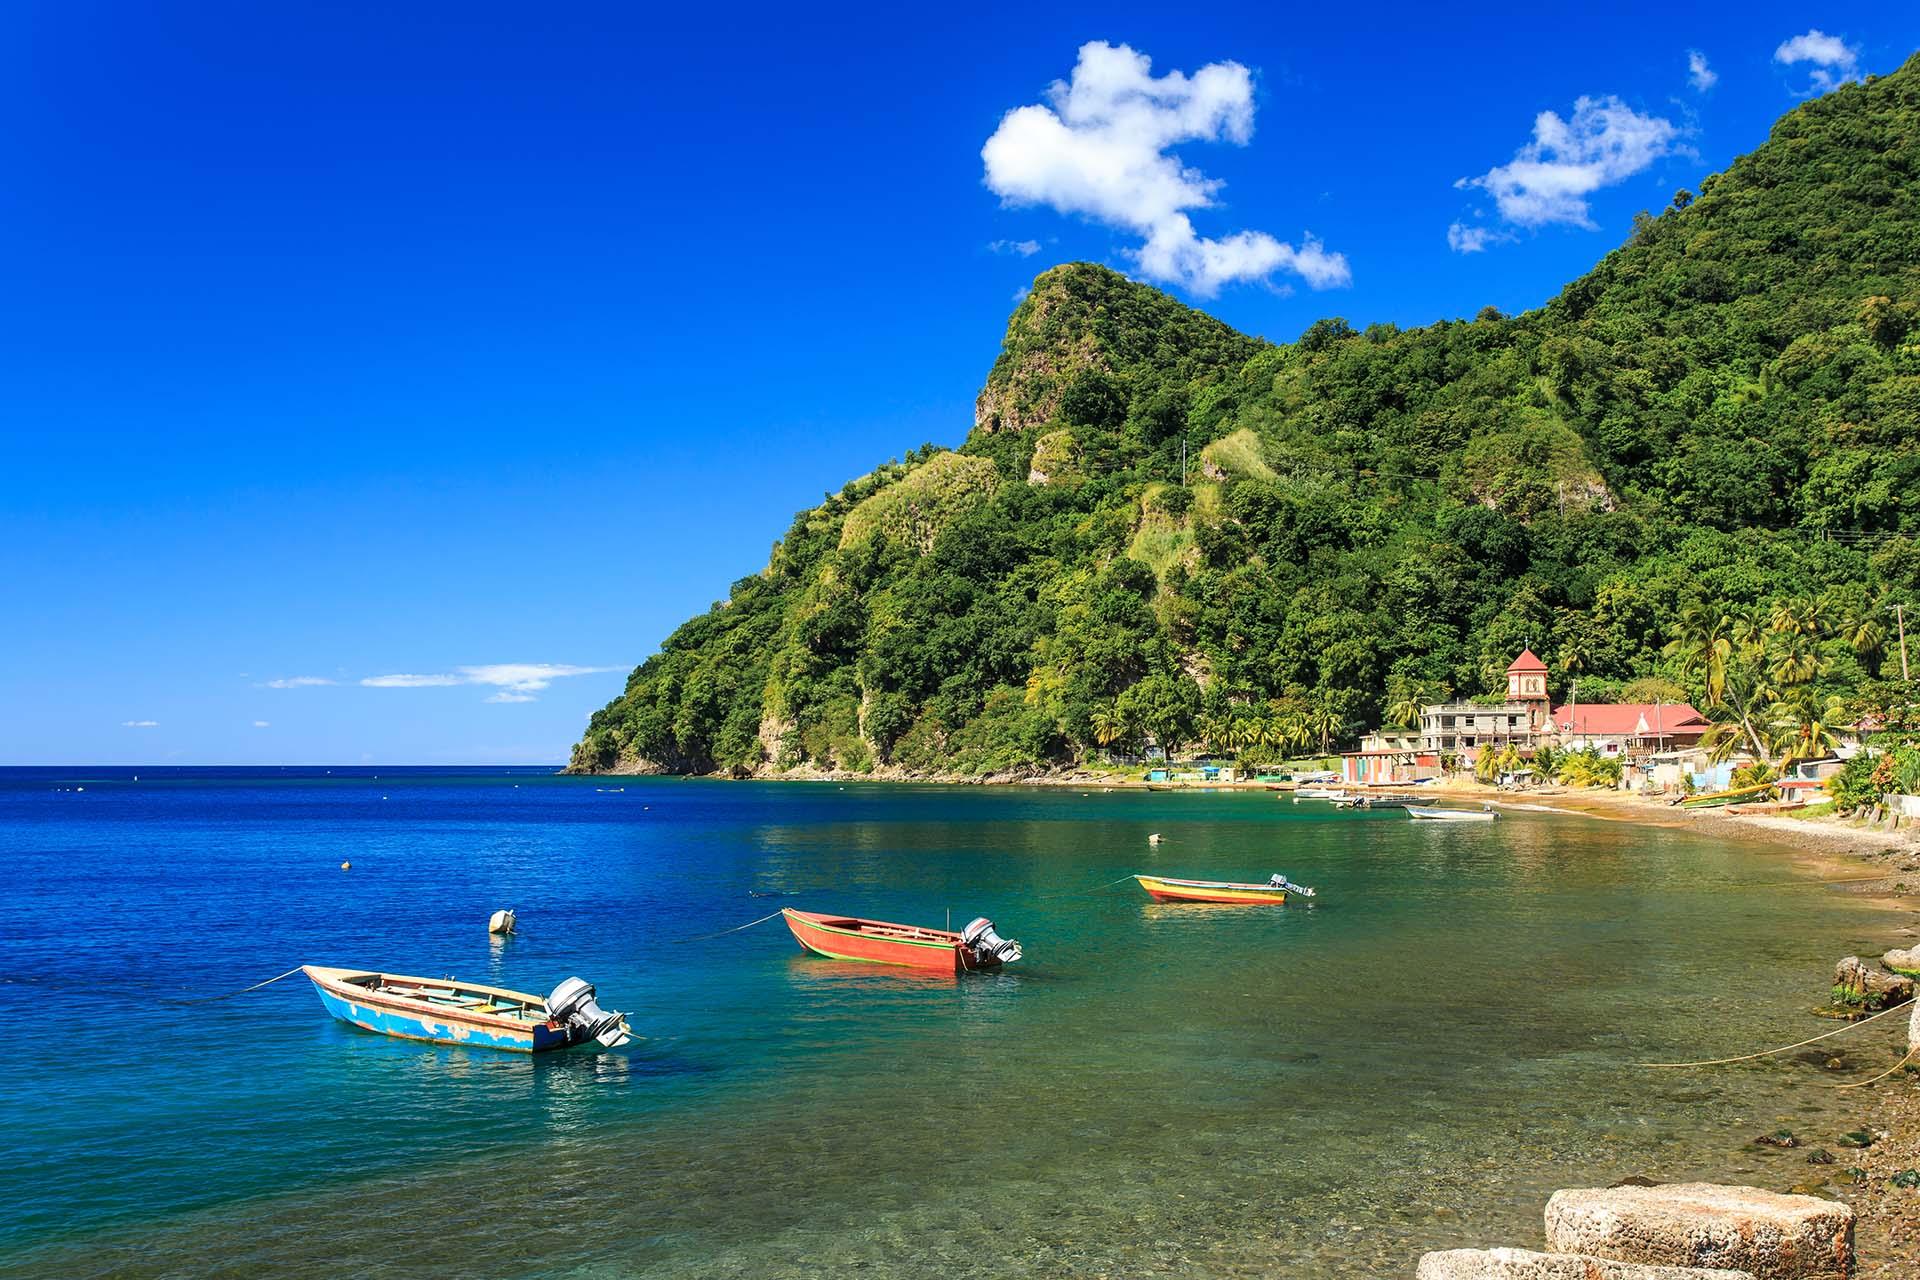 Esta isla caribeña conserva su encanto en parte debido a los vuelos indirectos, pero principalmente debido al paisaje montañoso del que se jacta. La mayoría de la gente que visita Dominica lo hace como una parada de un crucero, pero dada la naturaleza de la isla, no se puede acceder fácilmente a los mejores lugares en un viaje de un día. Por eso, lo expertos recomiendan emprender una aventura de al menos una semana